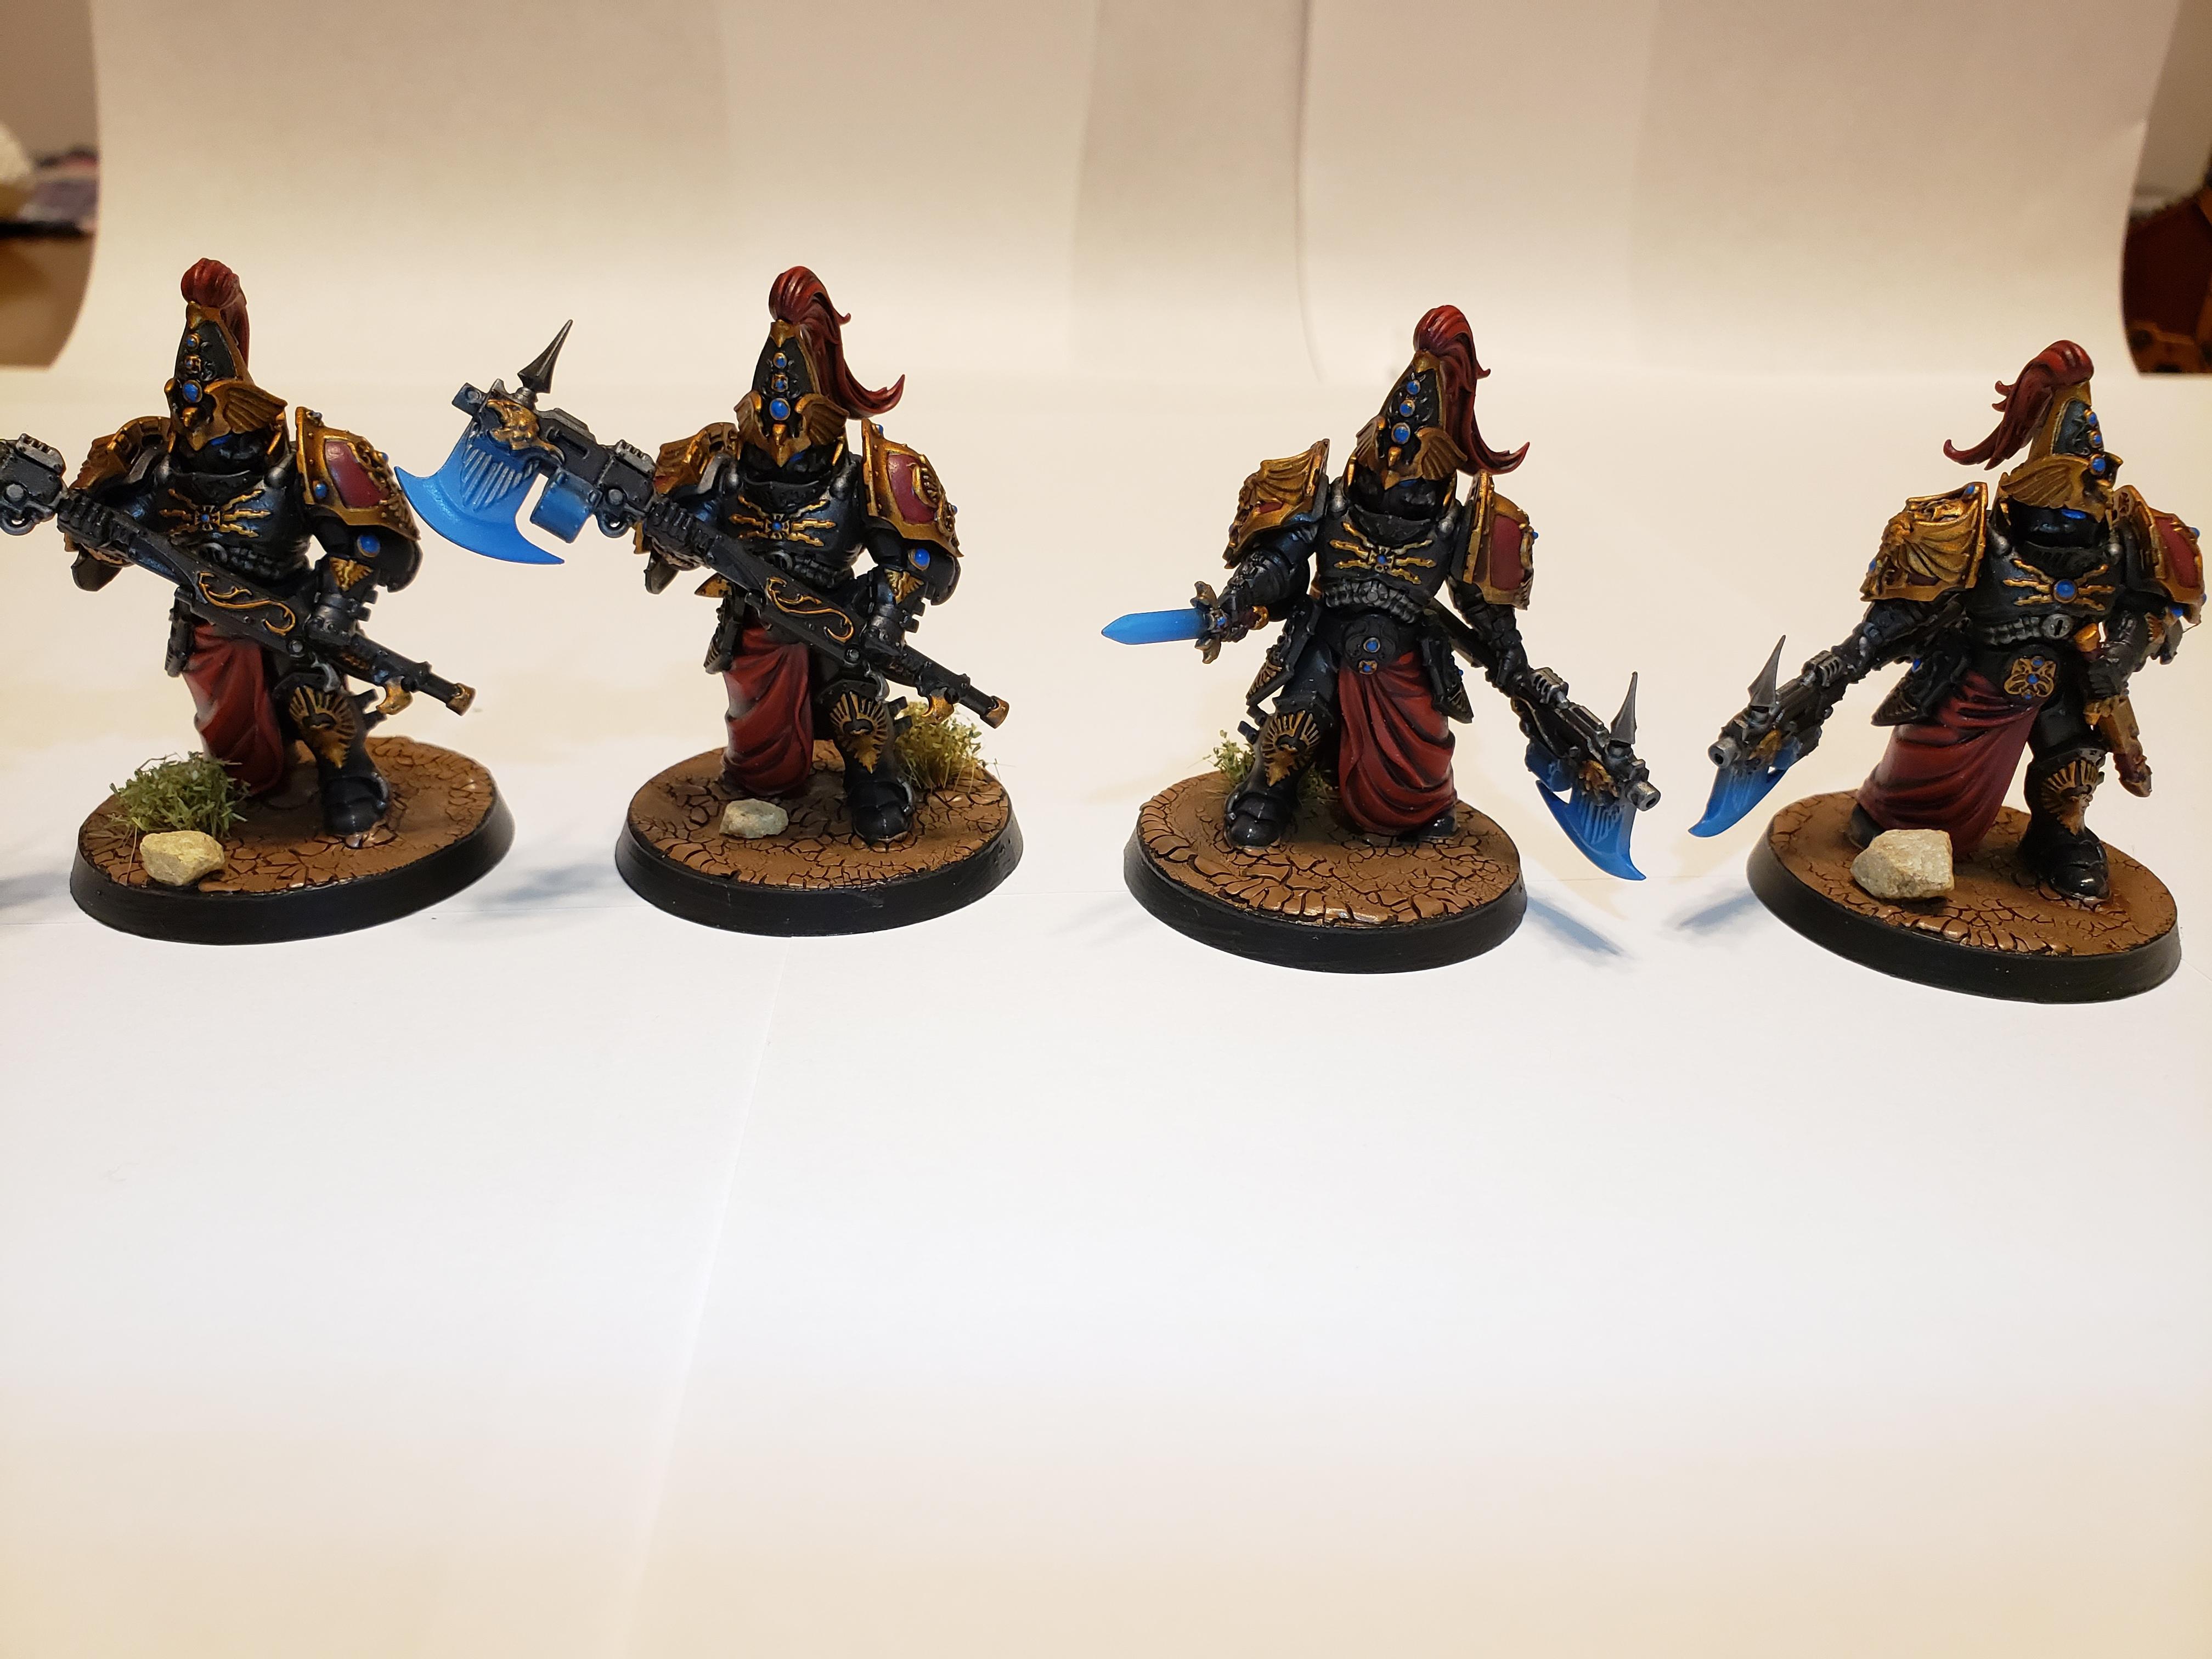 Adeptus Custodes, Castellan Axe, Custodian Warden, Misericordia, Shadowkeepers